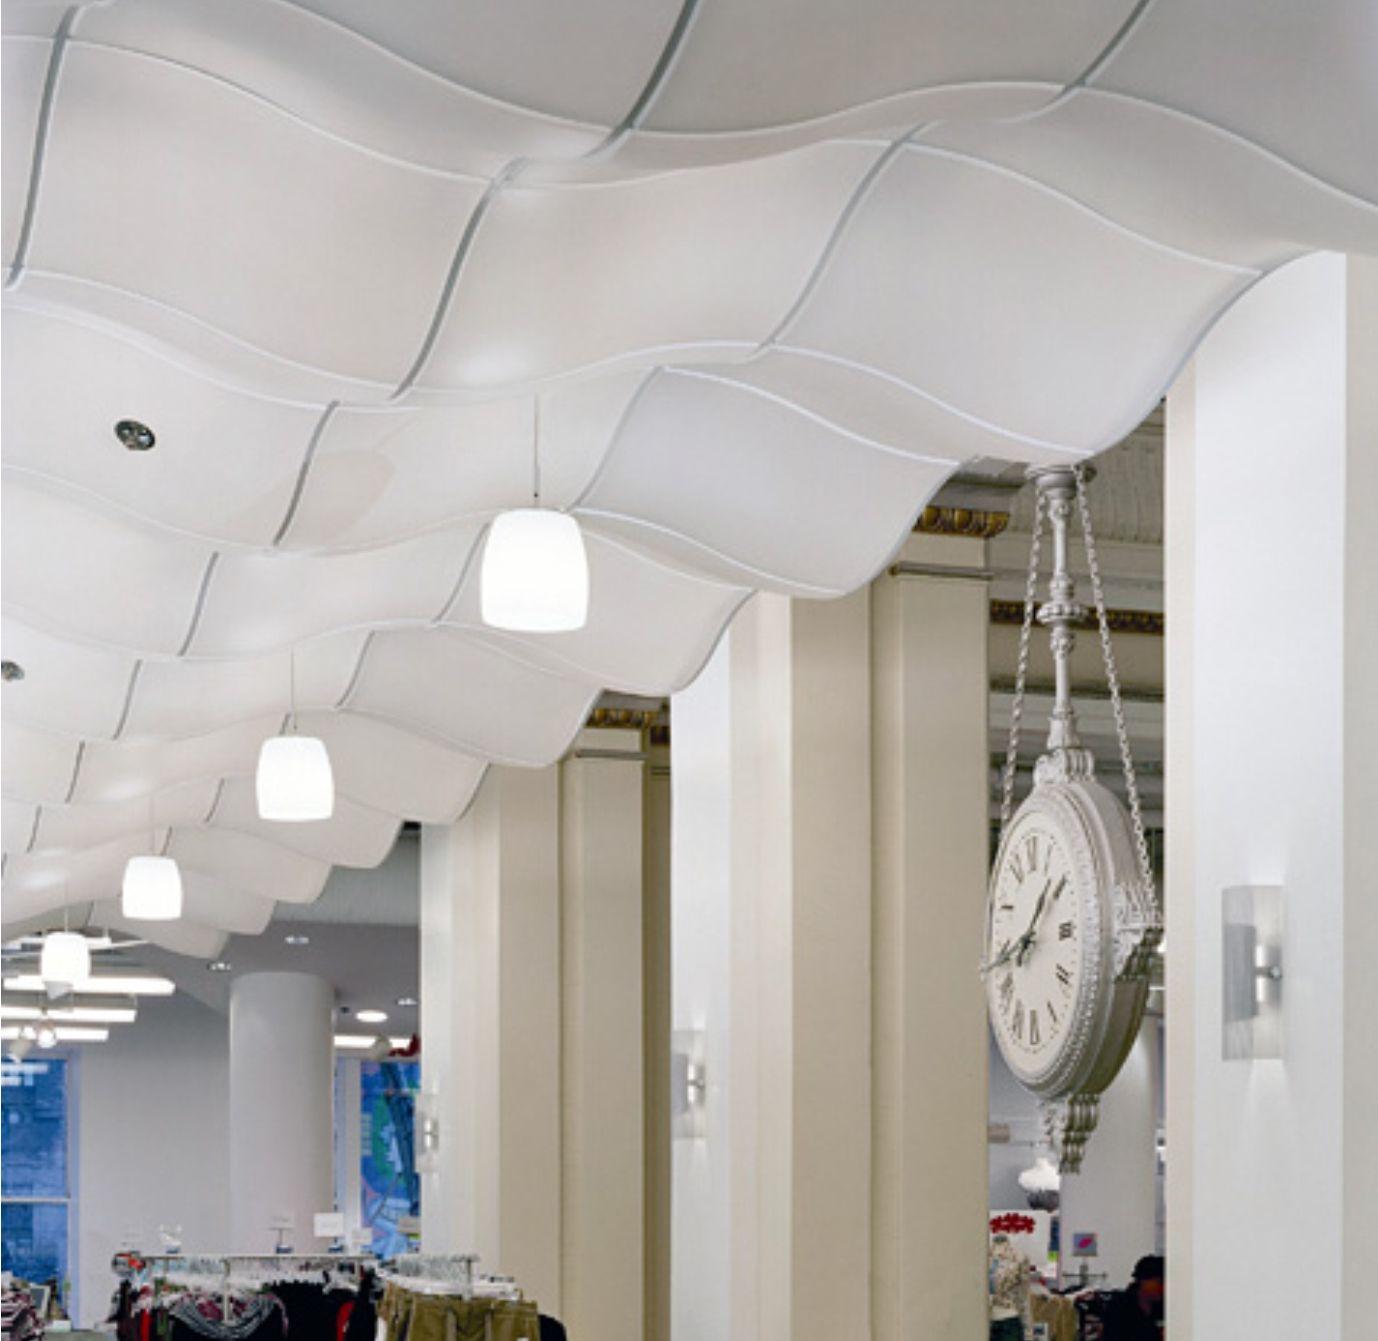 Divertido y elegante falso techo de pvc en tienda de ropa - Falsos techos pvc ...